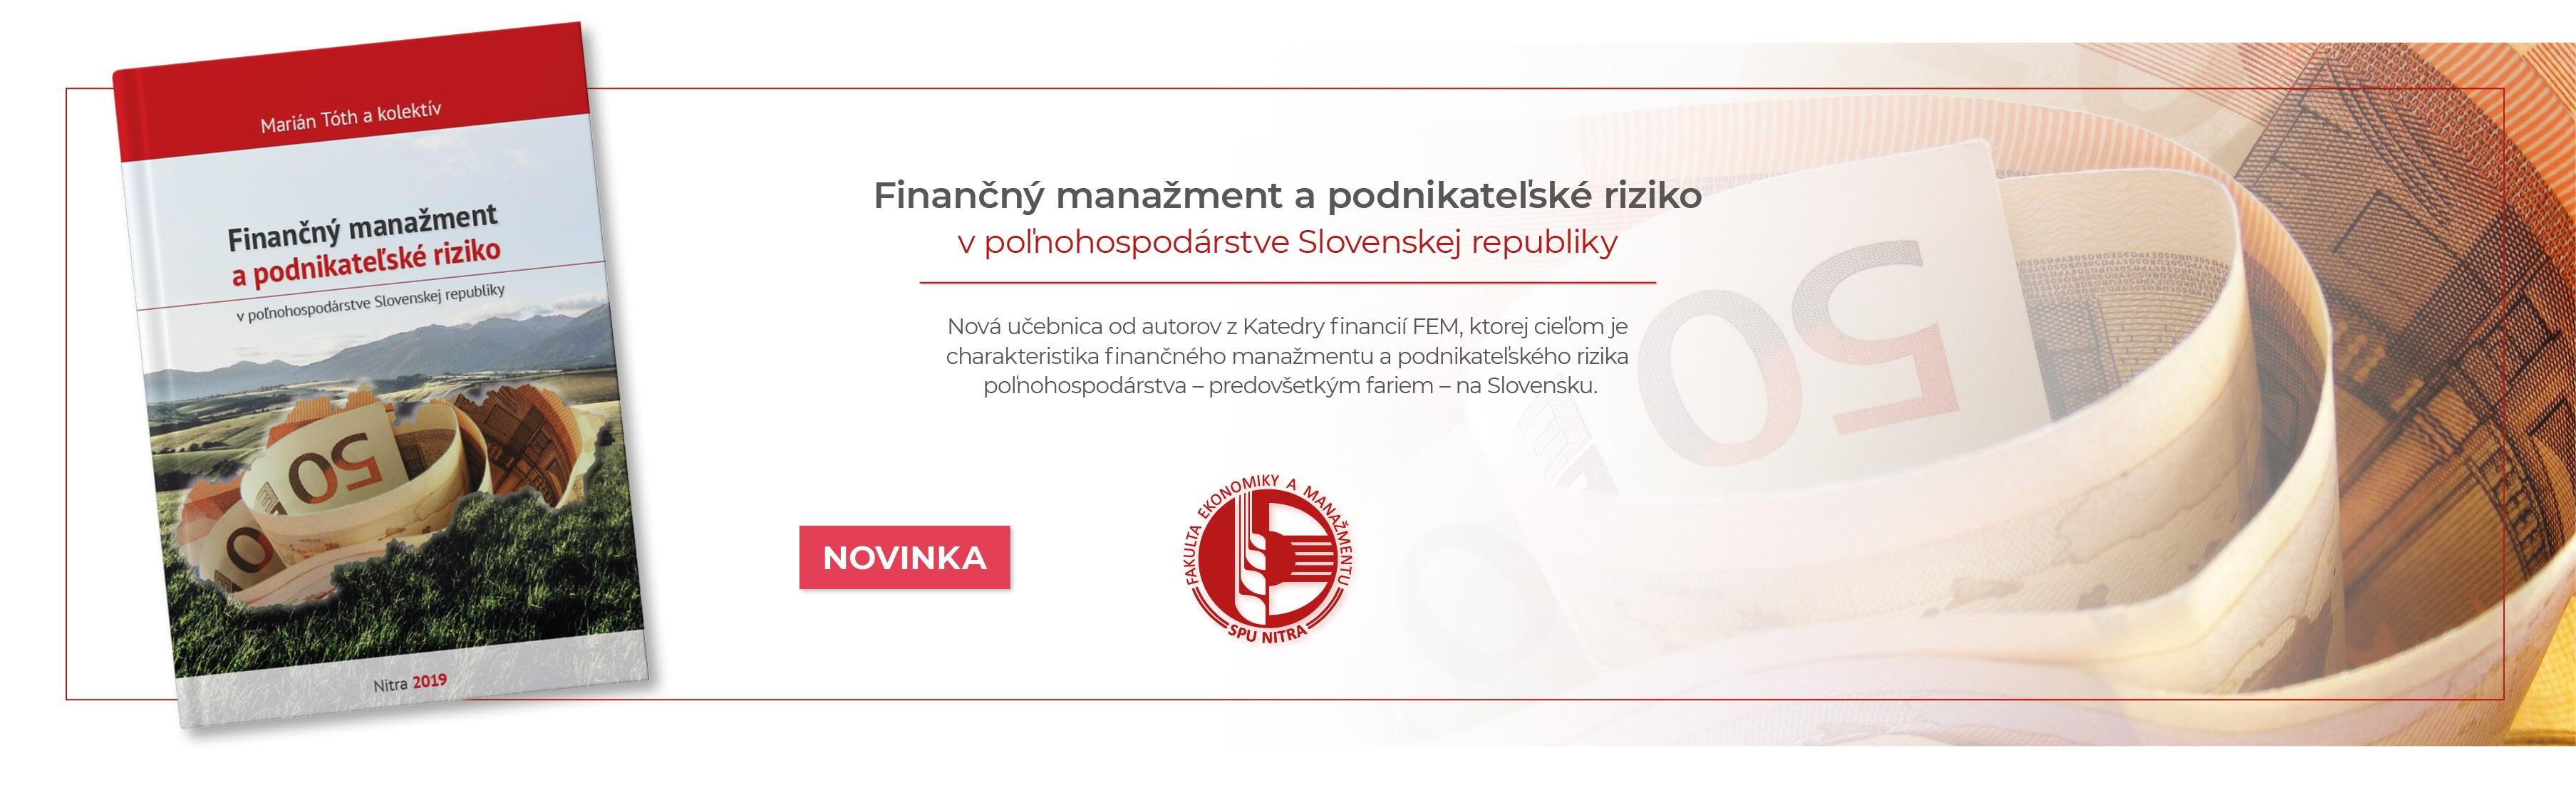 Finančný manažment a podnikateľské riziko v poľnohospodárstve Slovenskej republiky